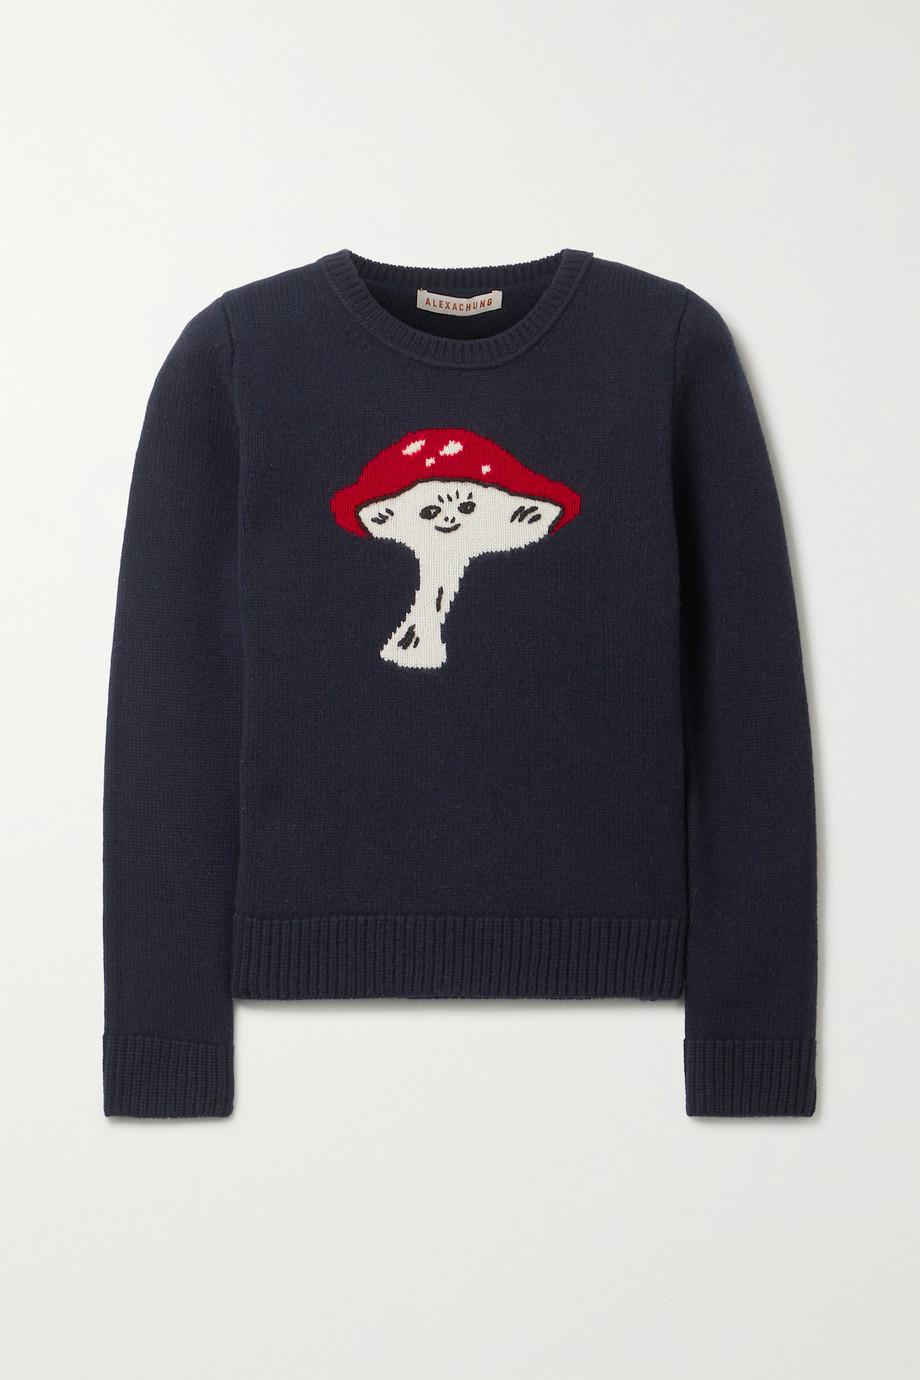 ALEXACHUNG Fun Guy intarsia wool sweater